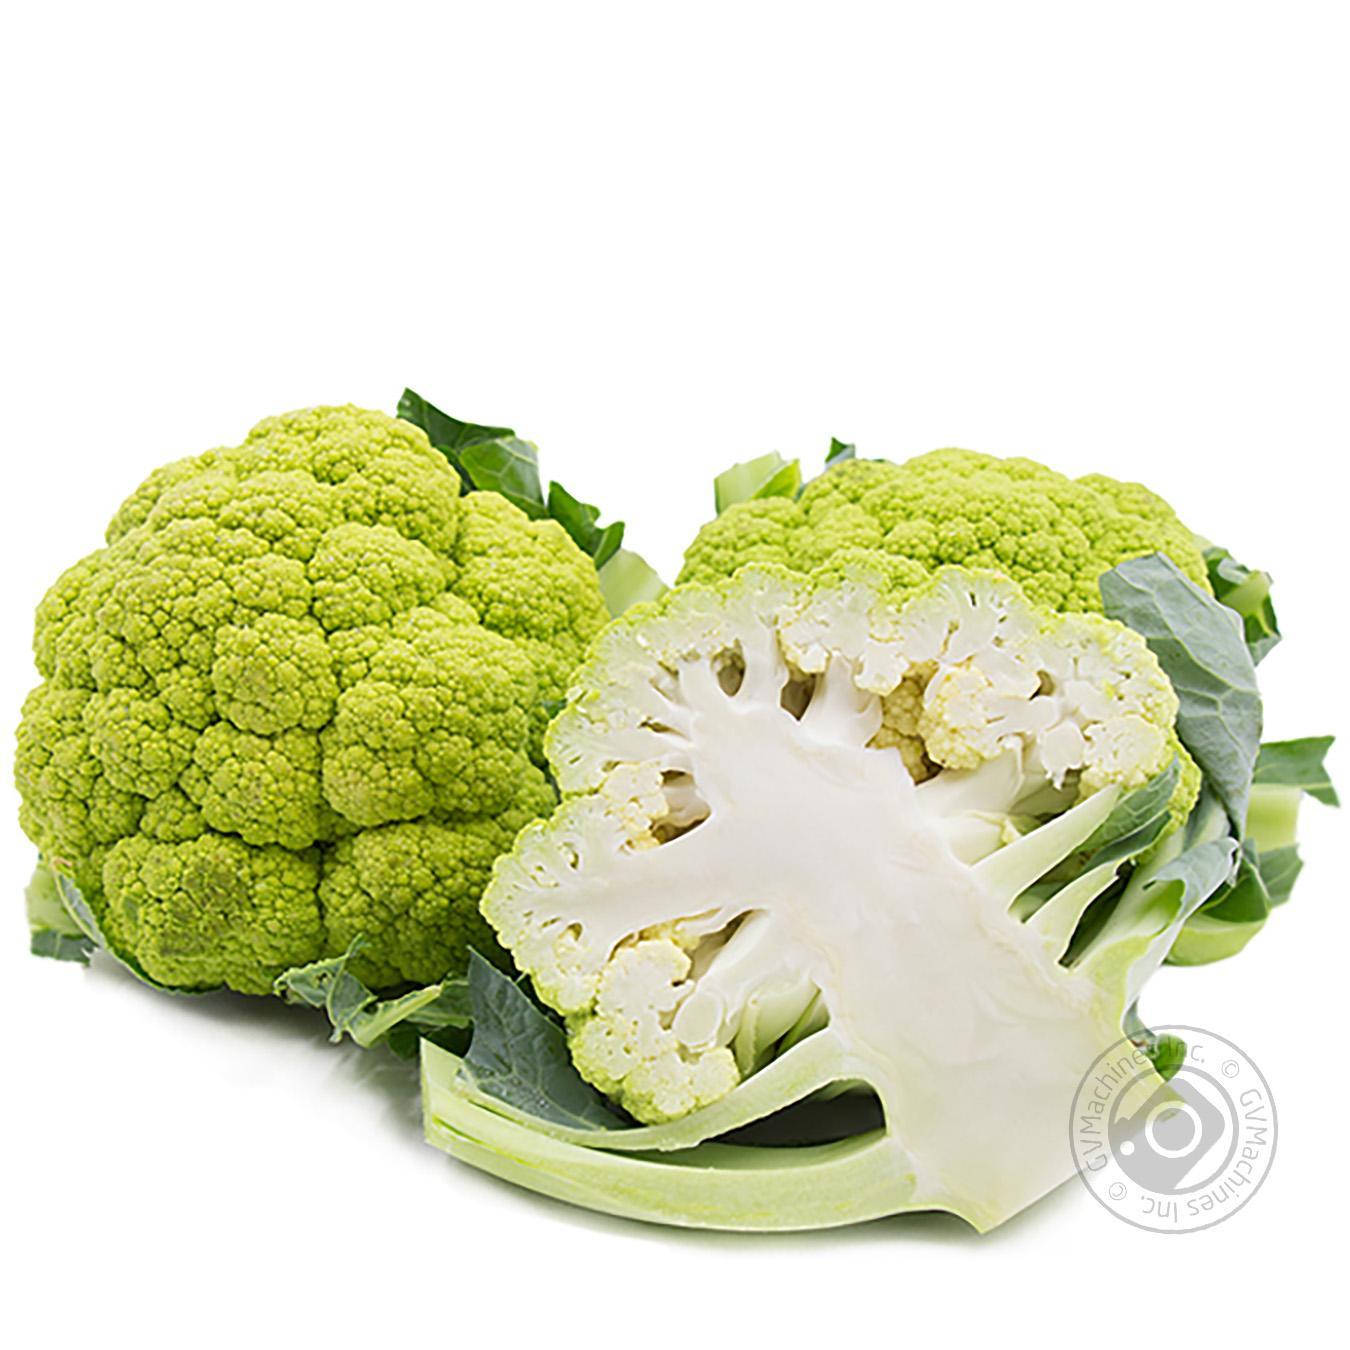 Купить Цвітна капуста зелена кг